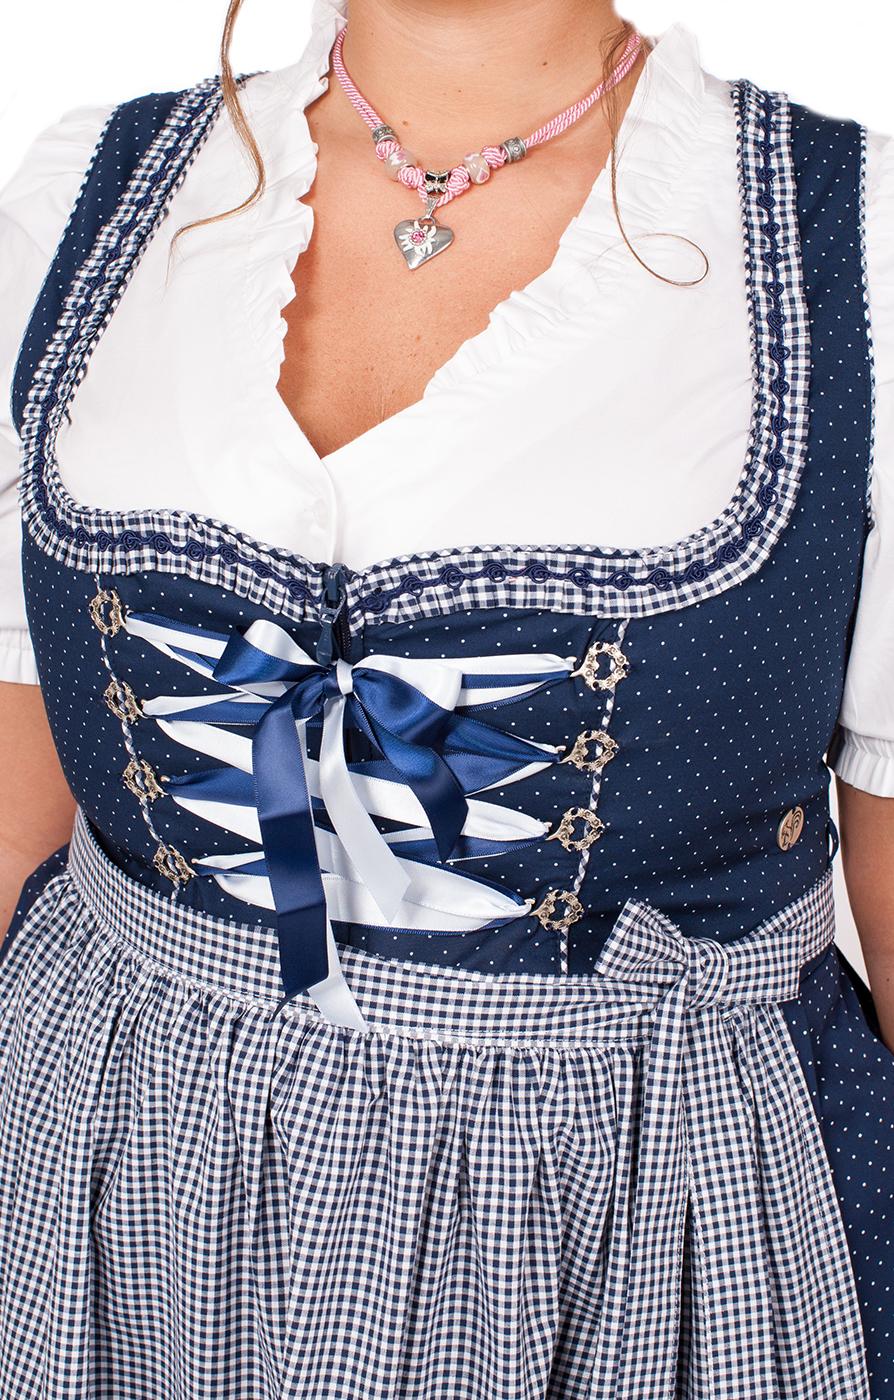 weitere Bilder von Mididirndl Miriam 2tlg. 58cm PLUS SIZE blau